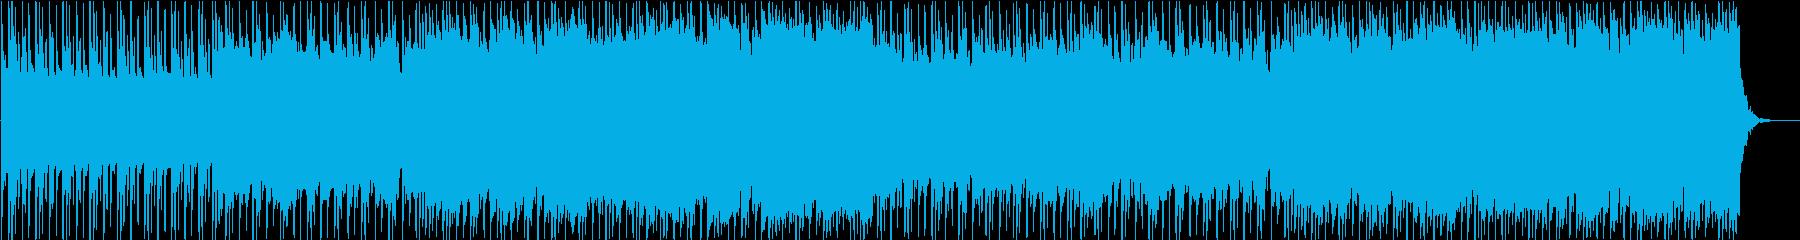 荒っぽいインディーズロックの再生済みの波形